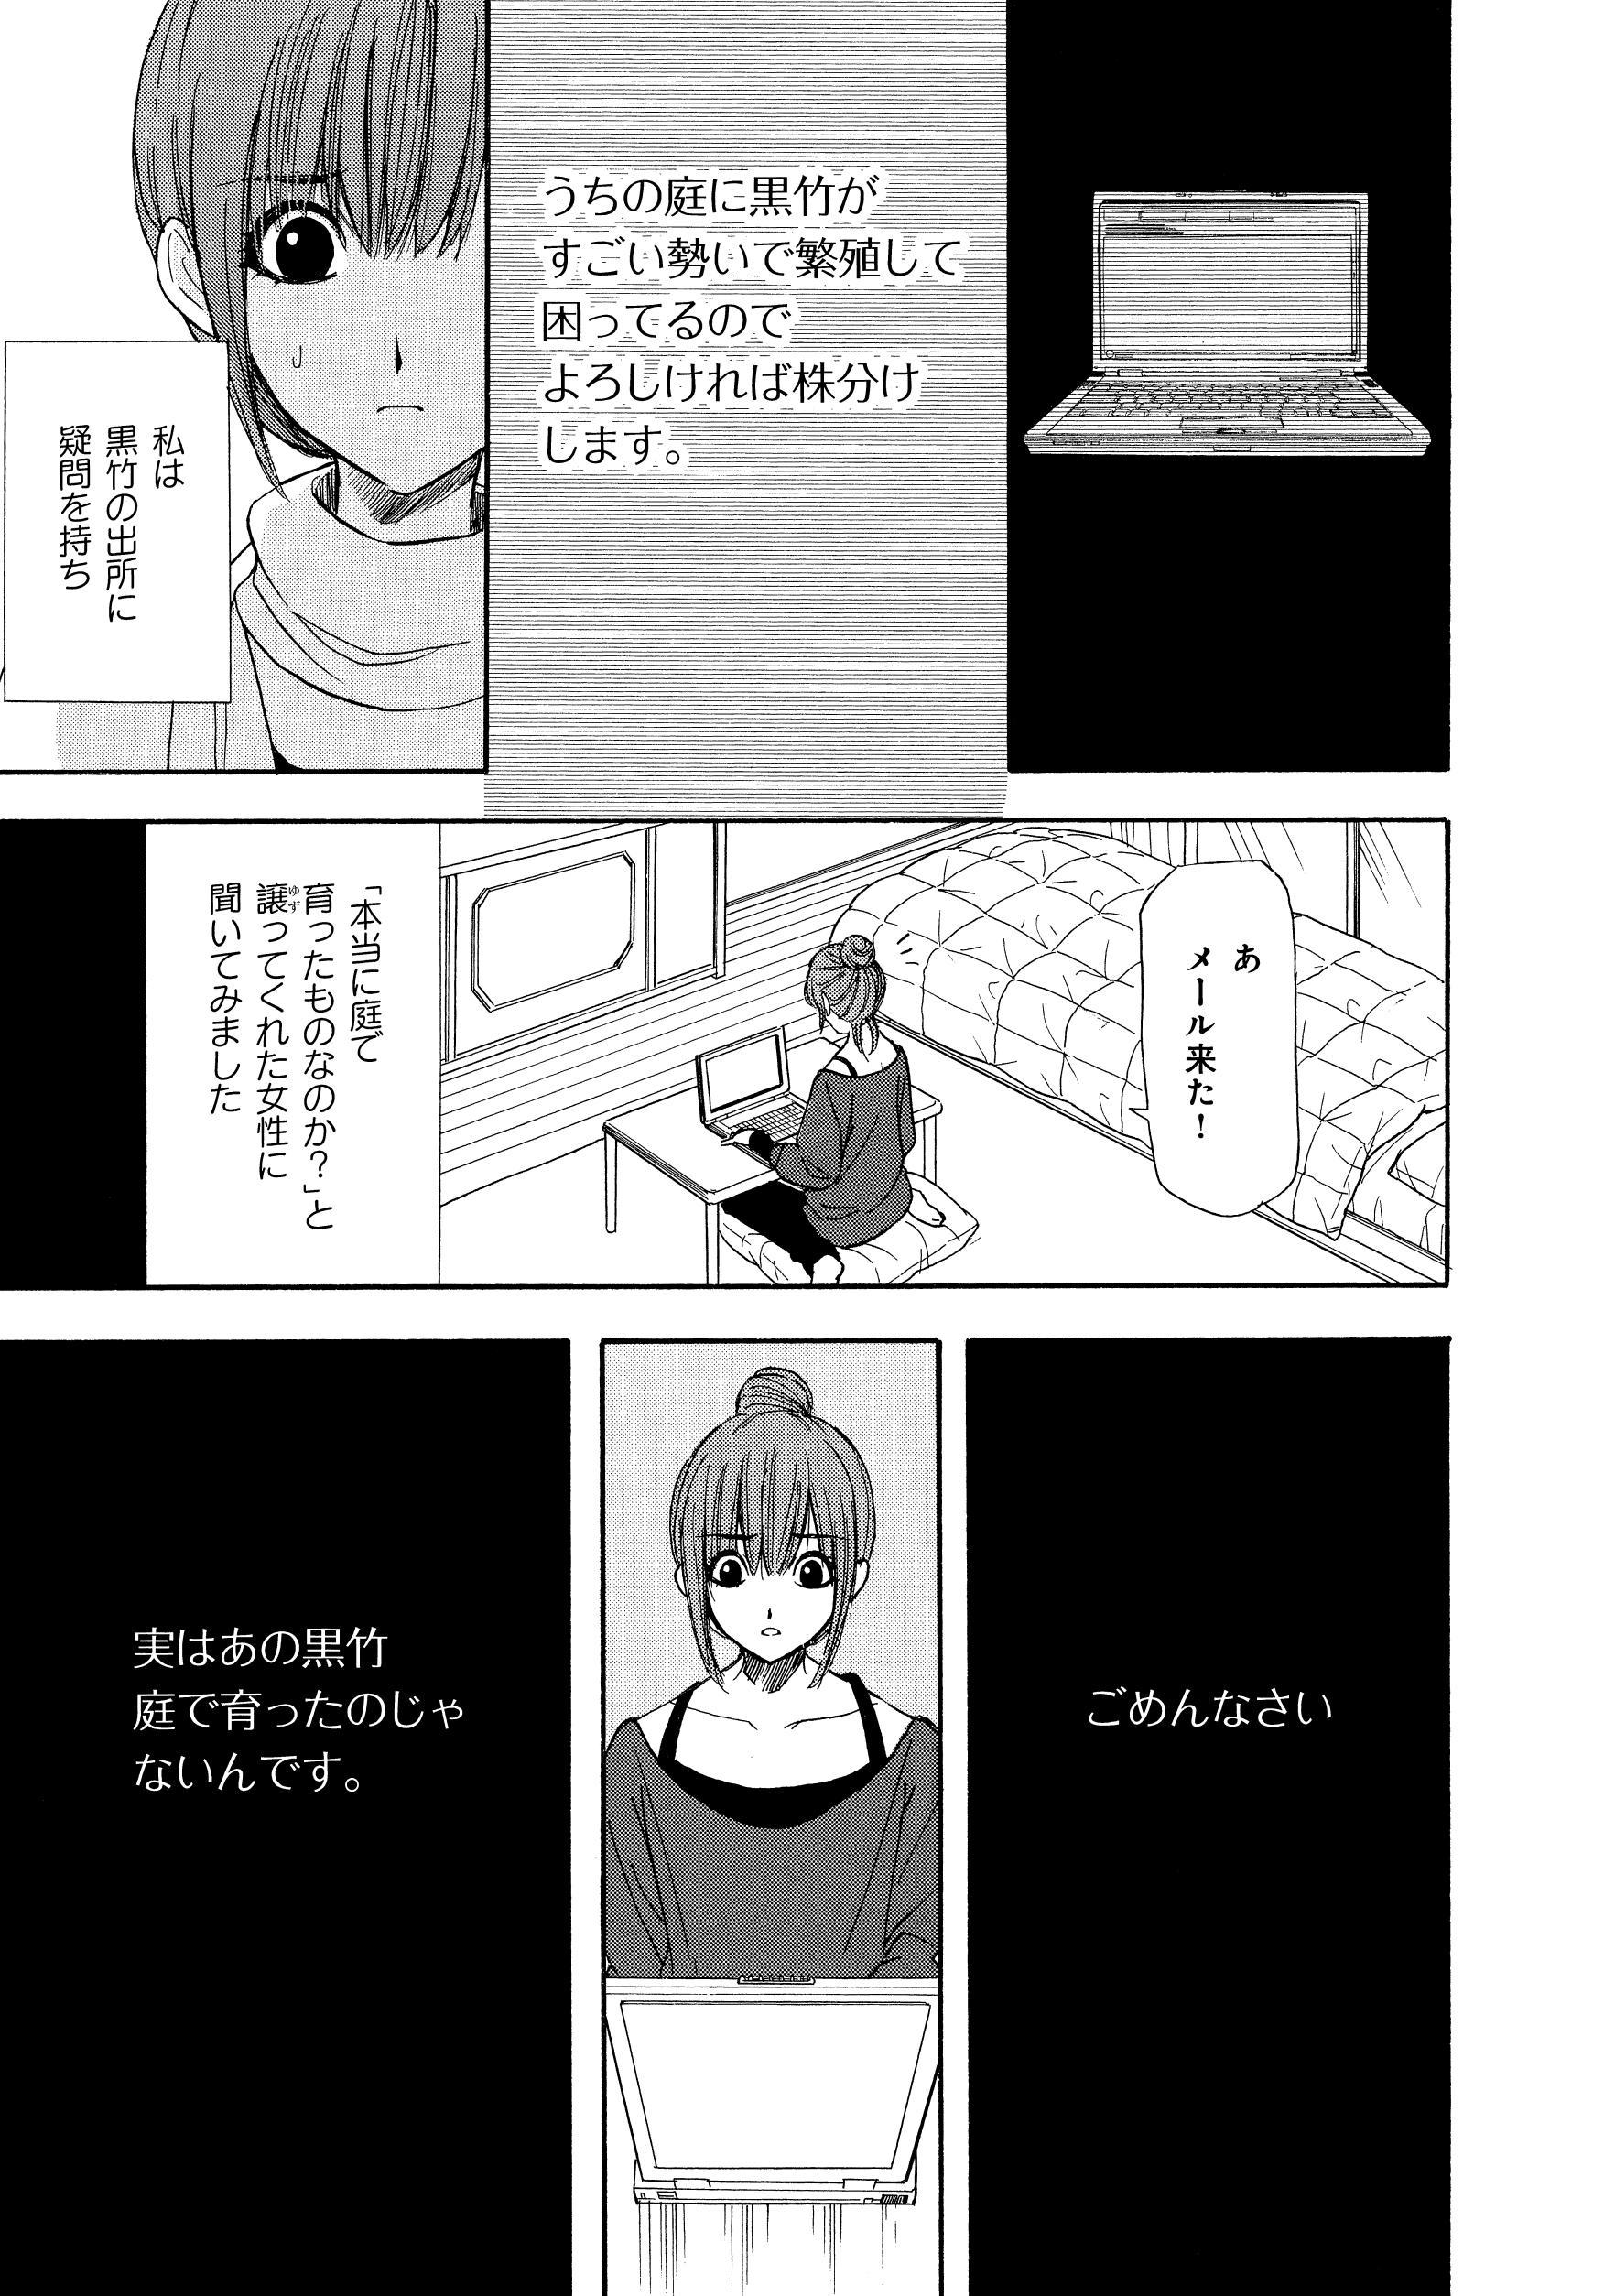 原作特集_159.jpg